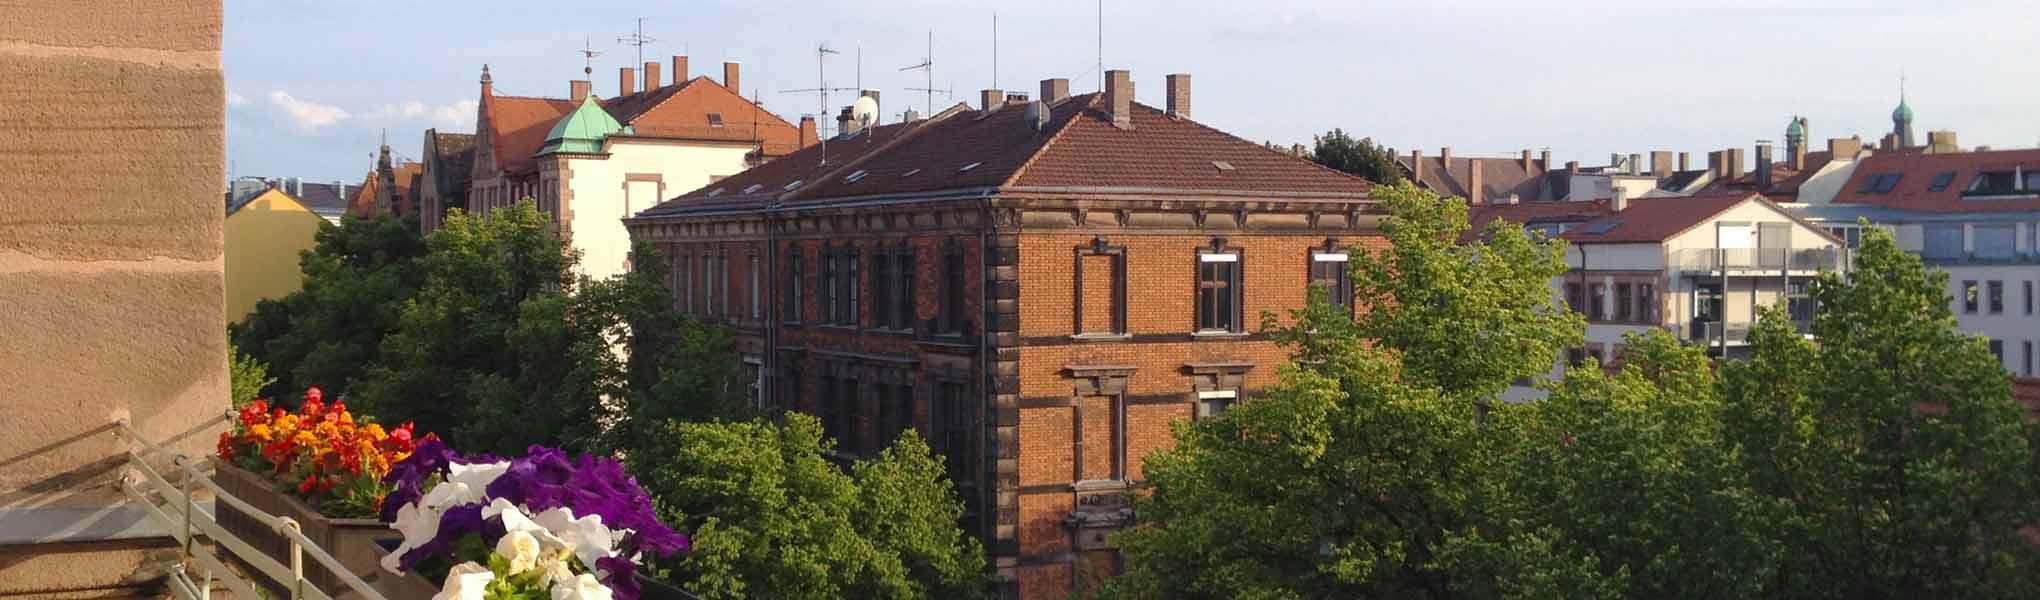 Bucher Straße